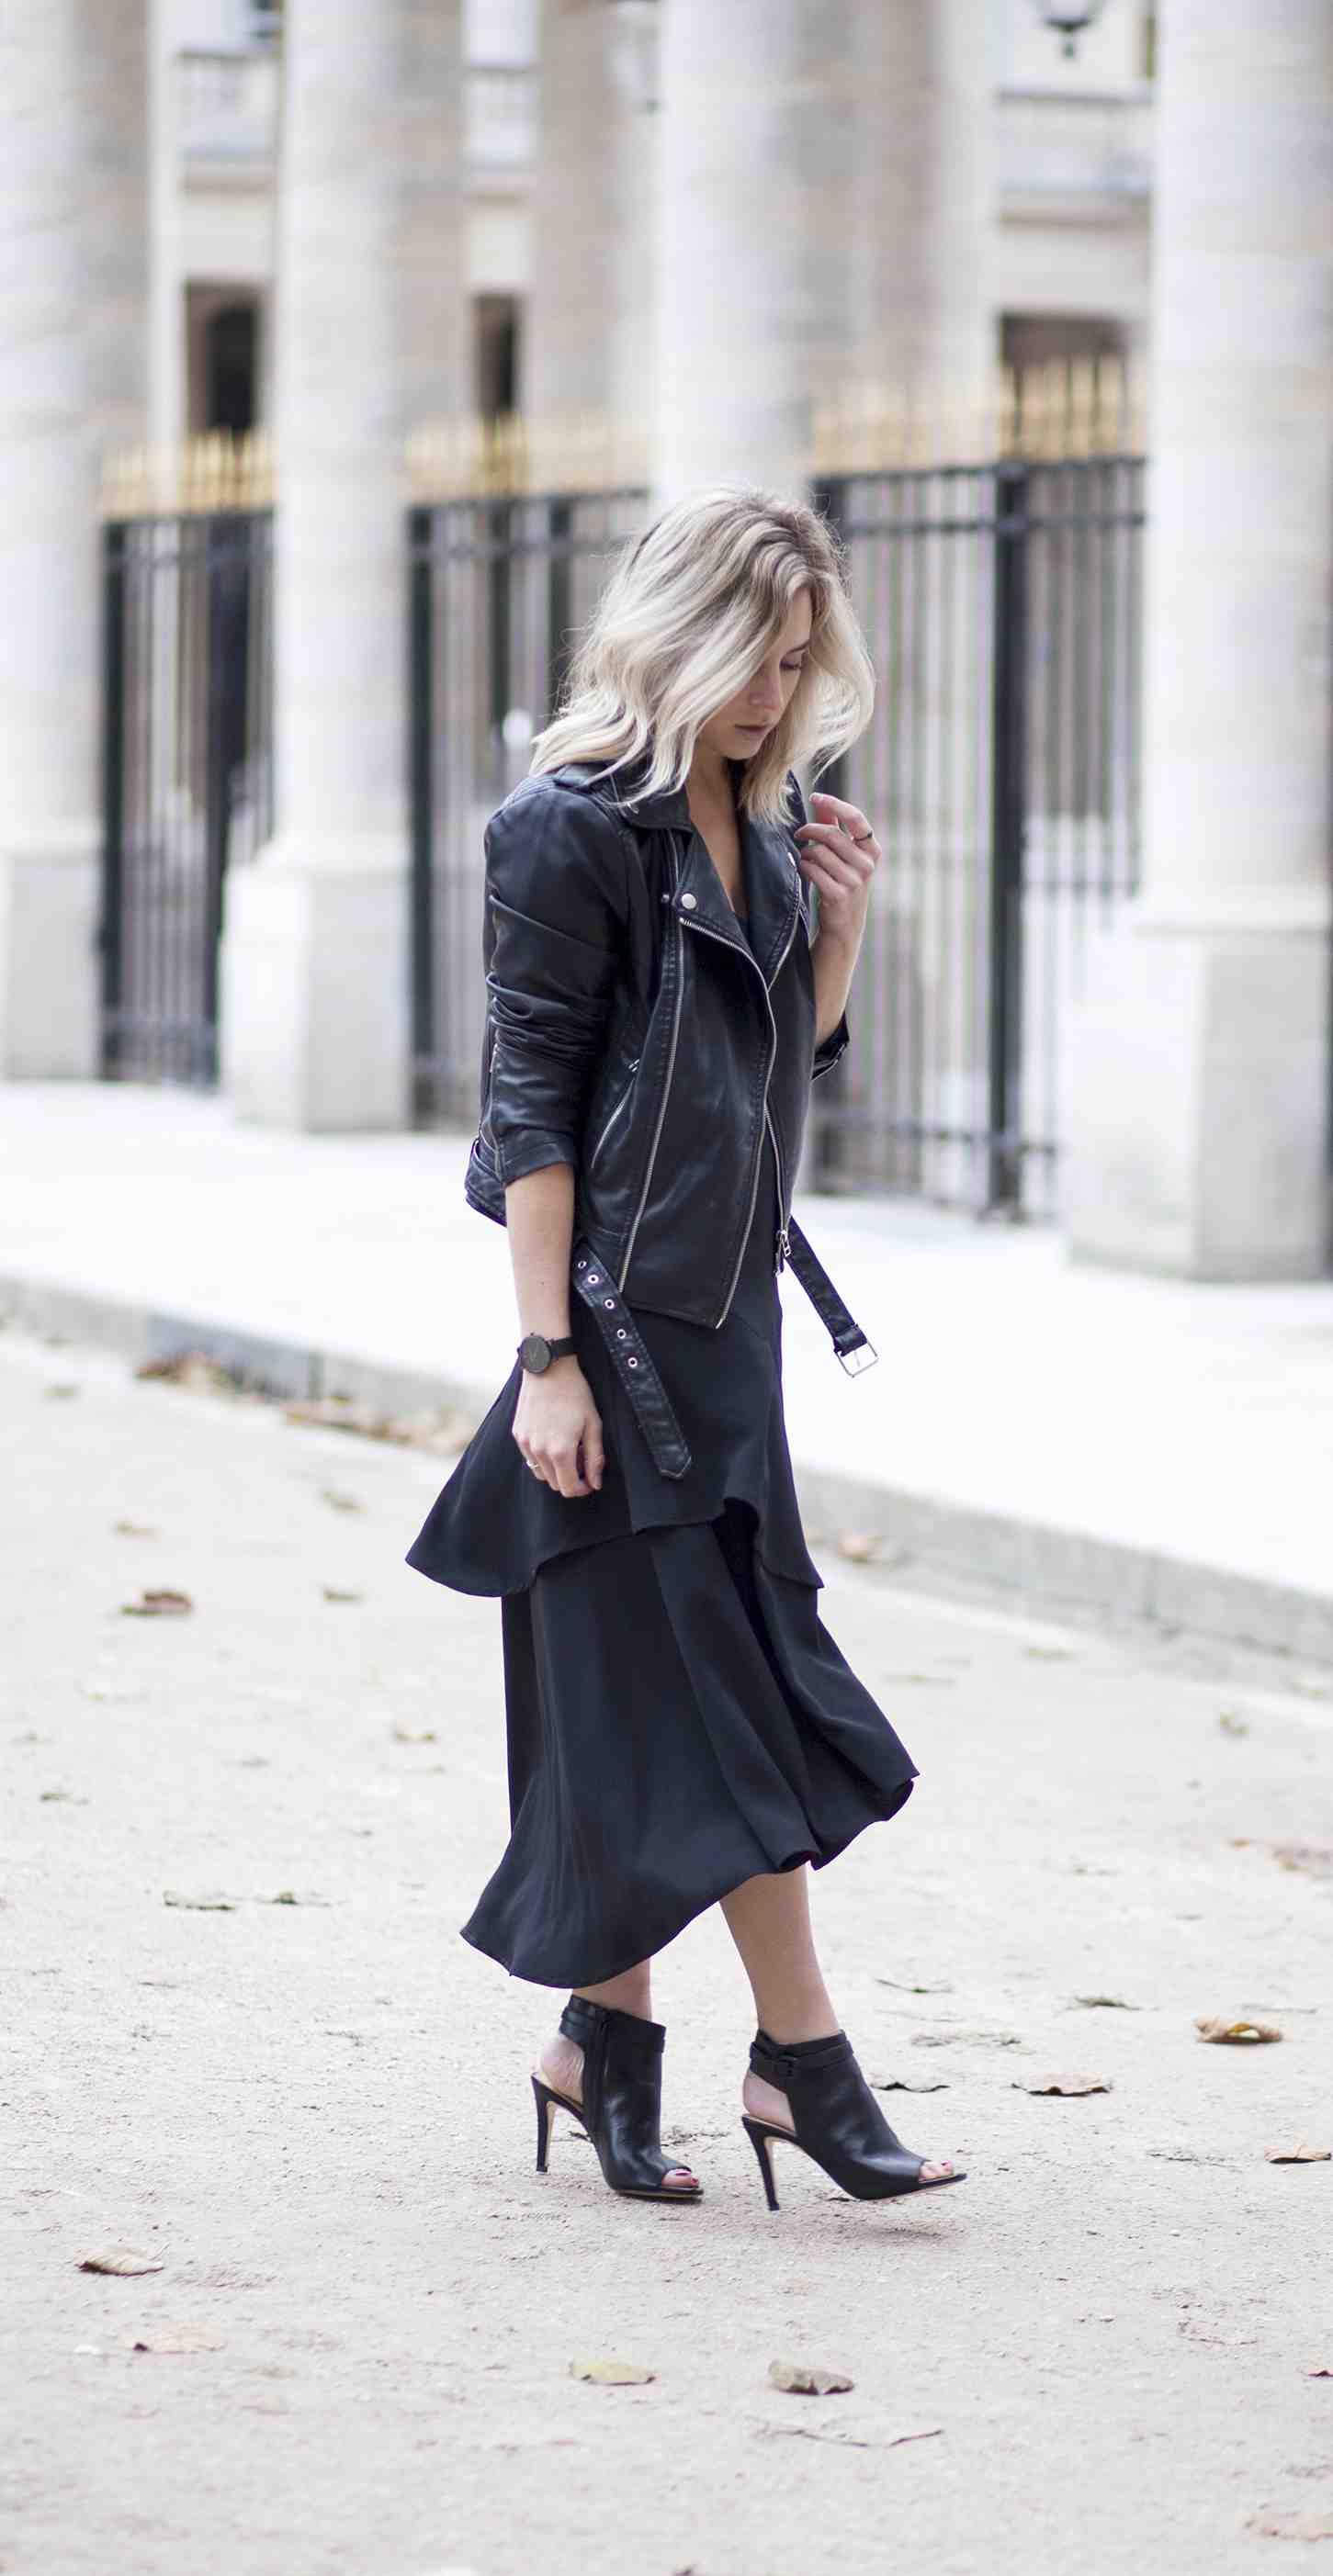 Crédit photo : Fashionhoax.com